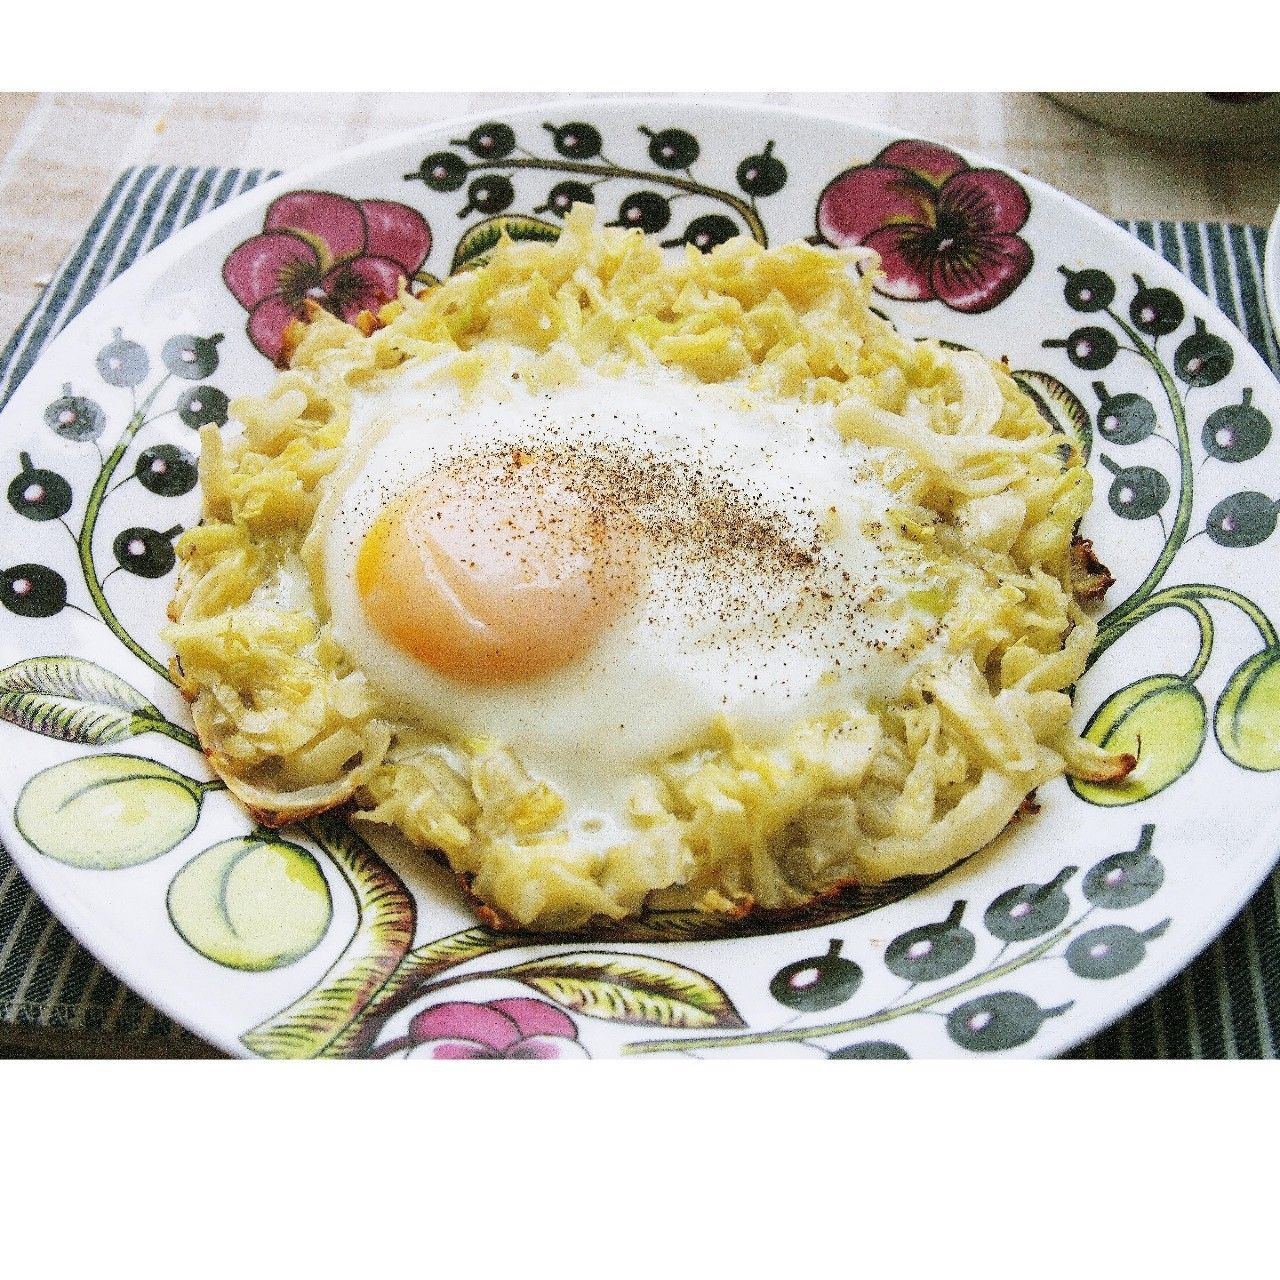 蔬菜+鸡蛋,7道快手早餐下周吃